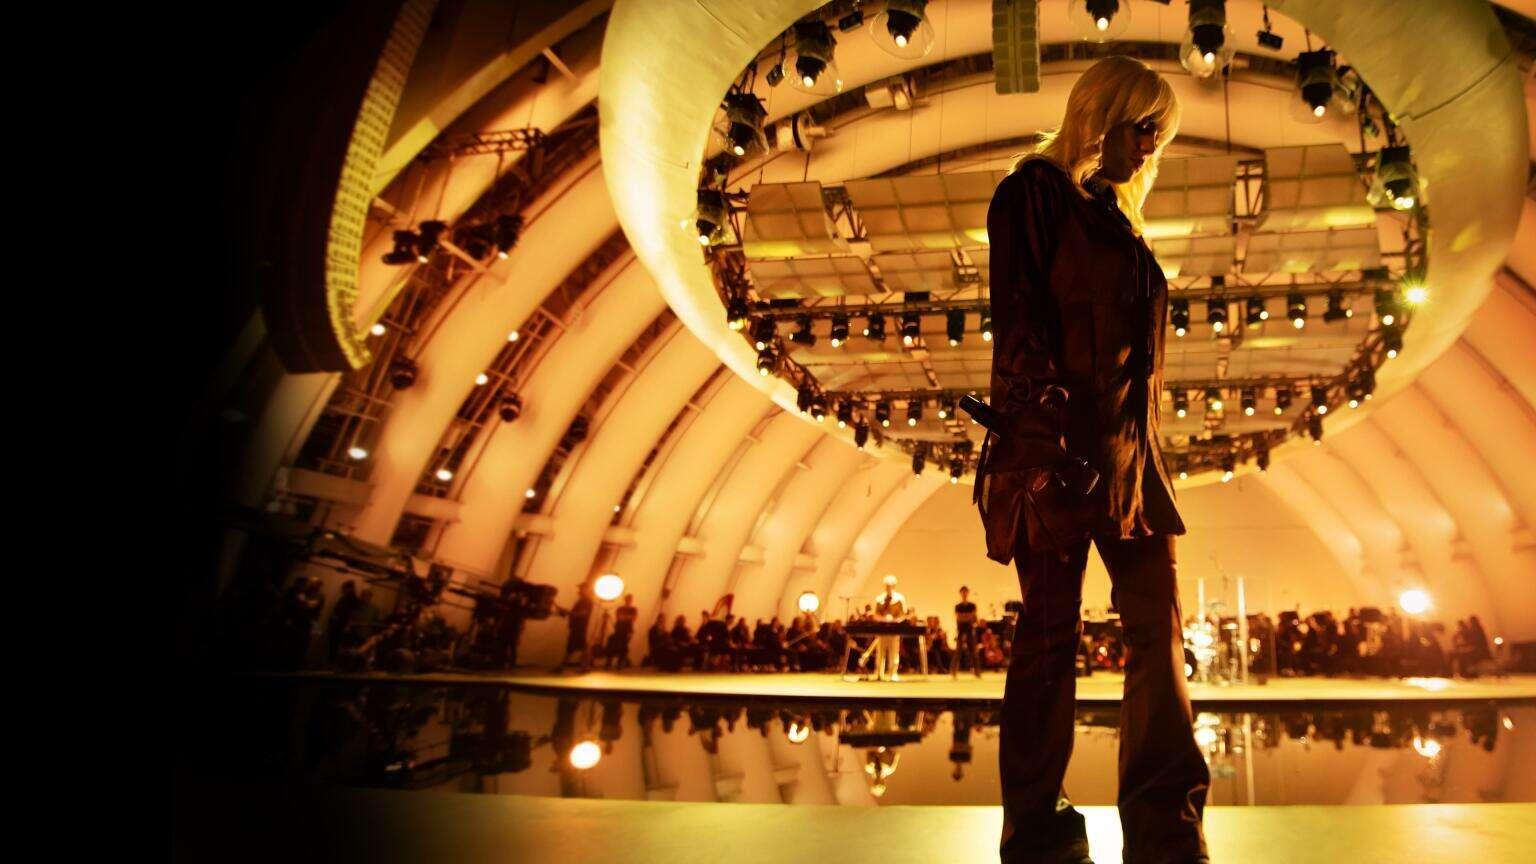 Foto do filme Happier Than Ever: Uma Carta de Amor Para Los Angeles - Uma experiência de Billie Eilish em concerto. A imagem mostra Billie Eilish, uma mulher jovem, de cabelo pintado de branco, vestindo roupas cor-de-vinho escuro, em pé, virada para a esquerda, com um microfone na mão paralela ao corpo. Ao fundo vemos uma orquestra em um palco em desfoque, e acima vários equipamentos de iluminação.